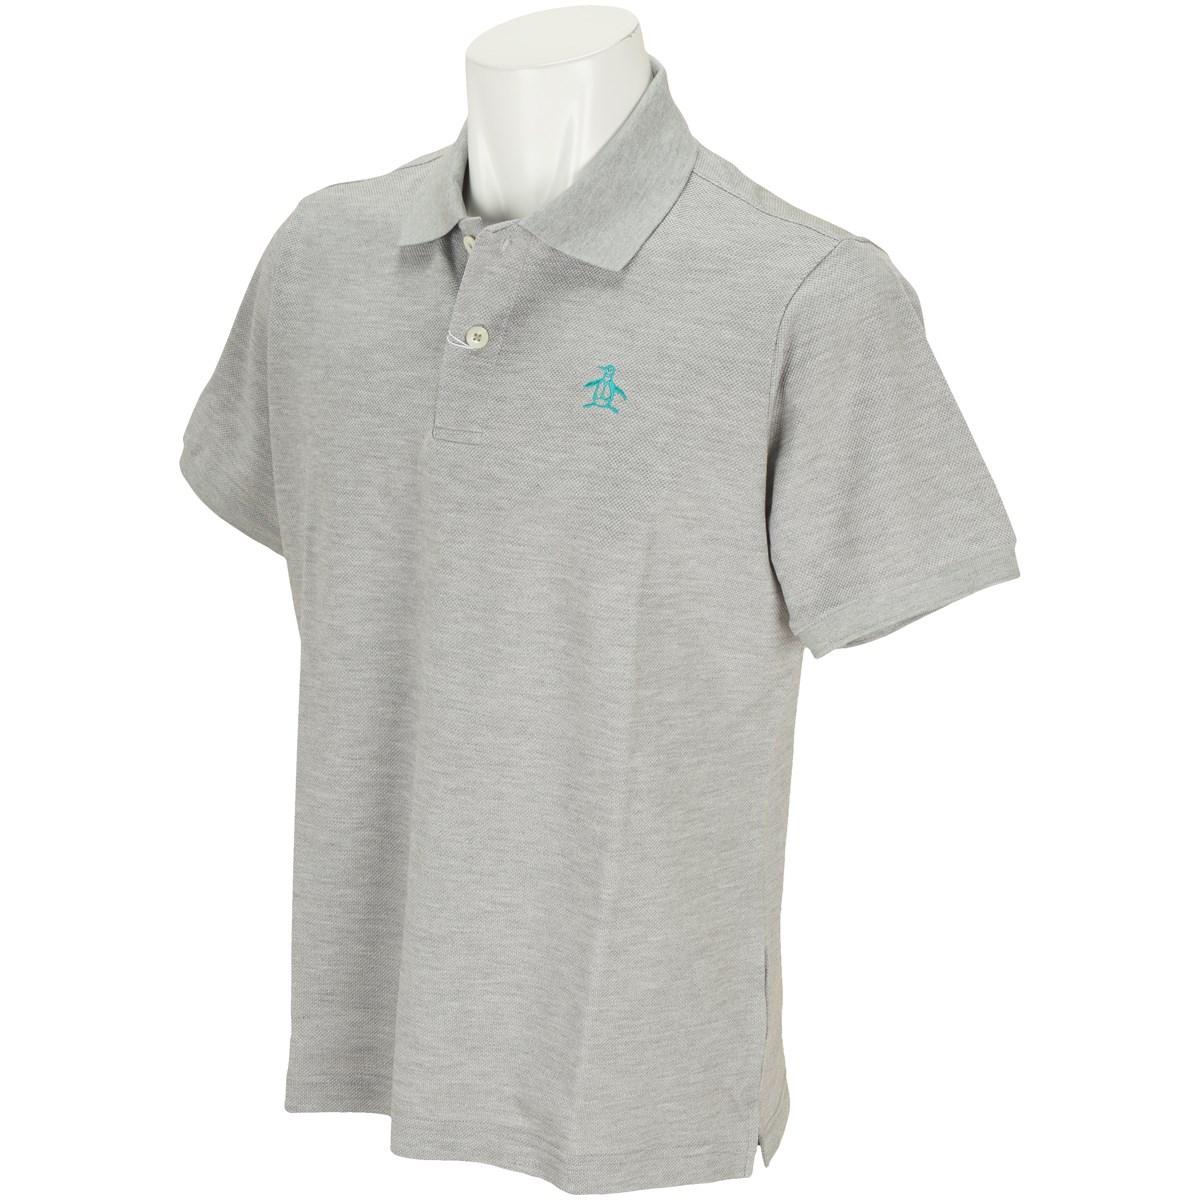 マンシングウェア Munsingwear ONE THING 半袖ポロシャツ L グレー杢 N600